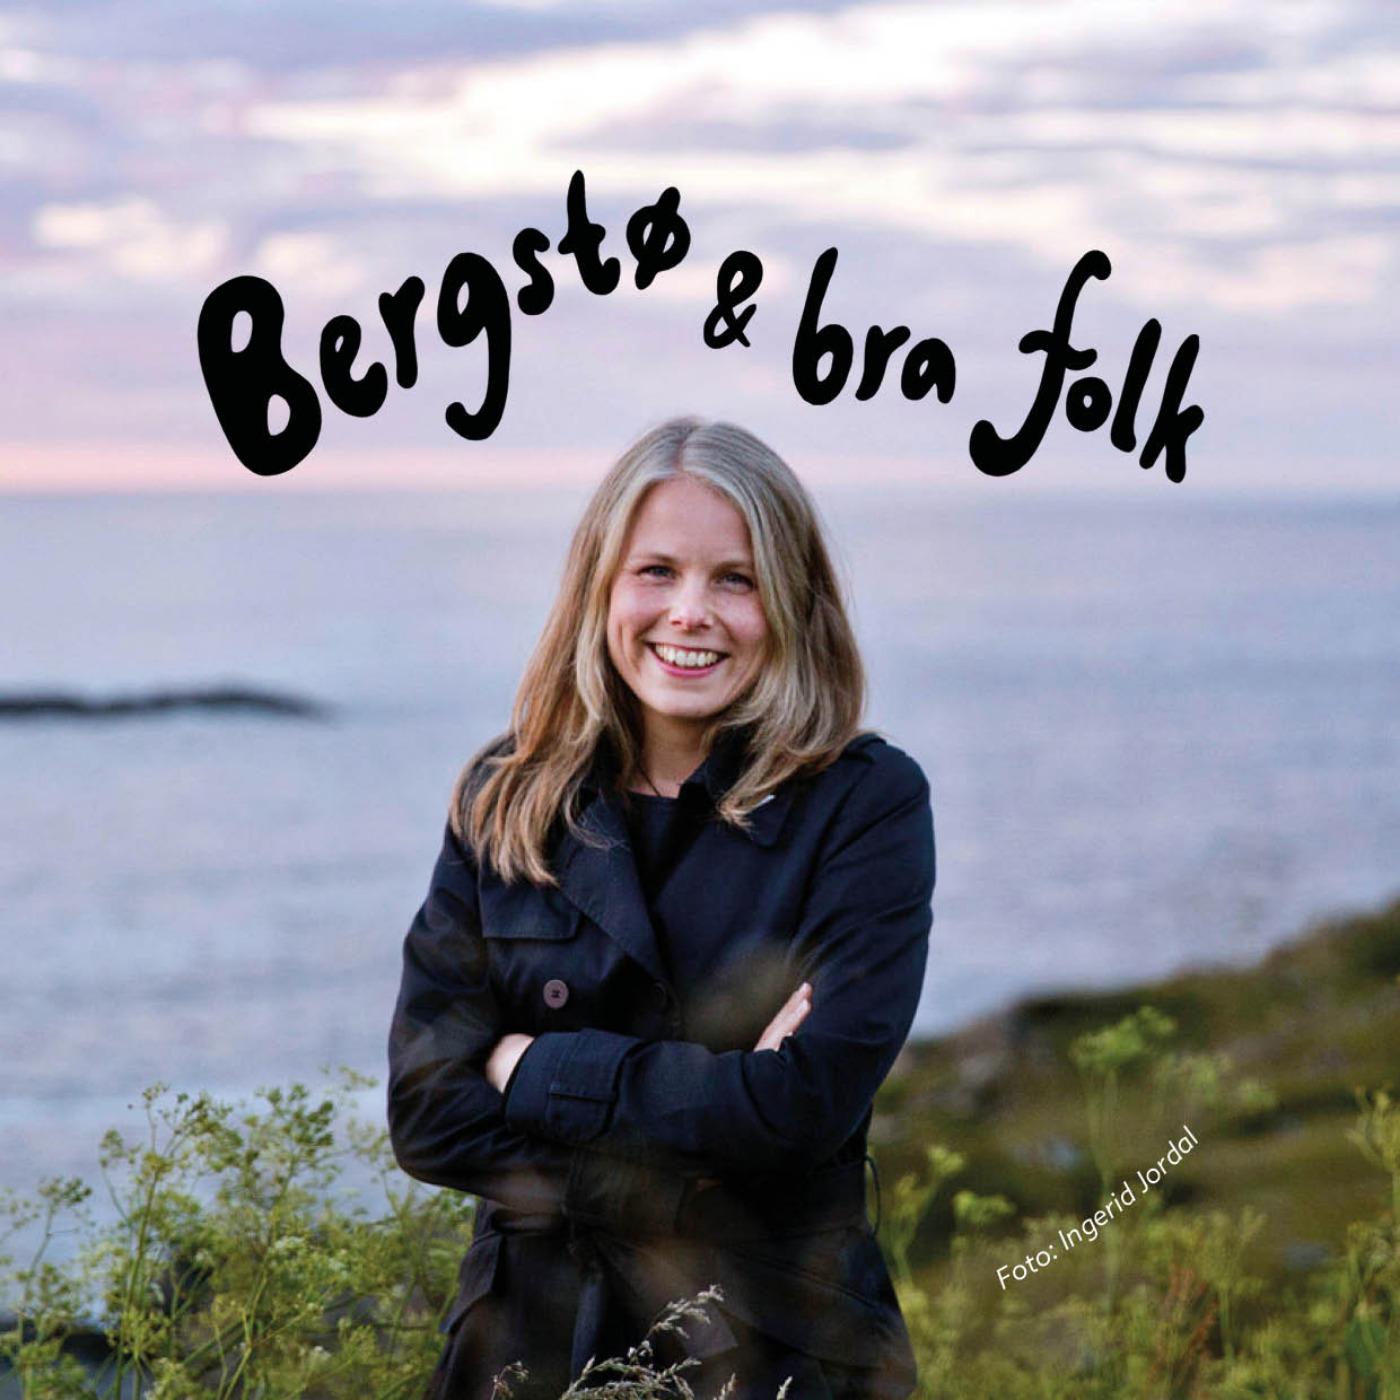 #134 Valgresultatoppsummering og STREIK blant kulturarbeiderne. Gjest: Mari Røsjø, leder Fagforbundet Teater og Scene.